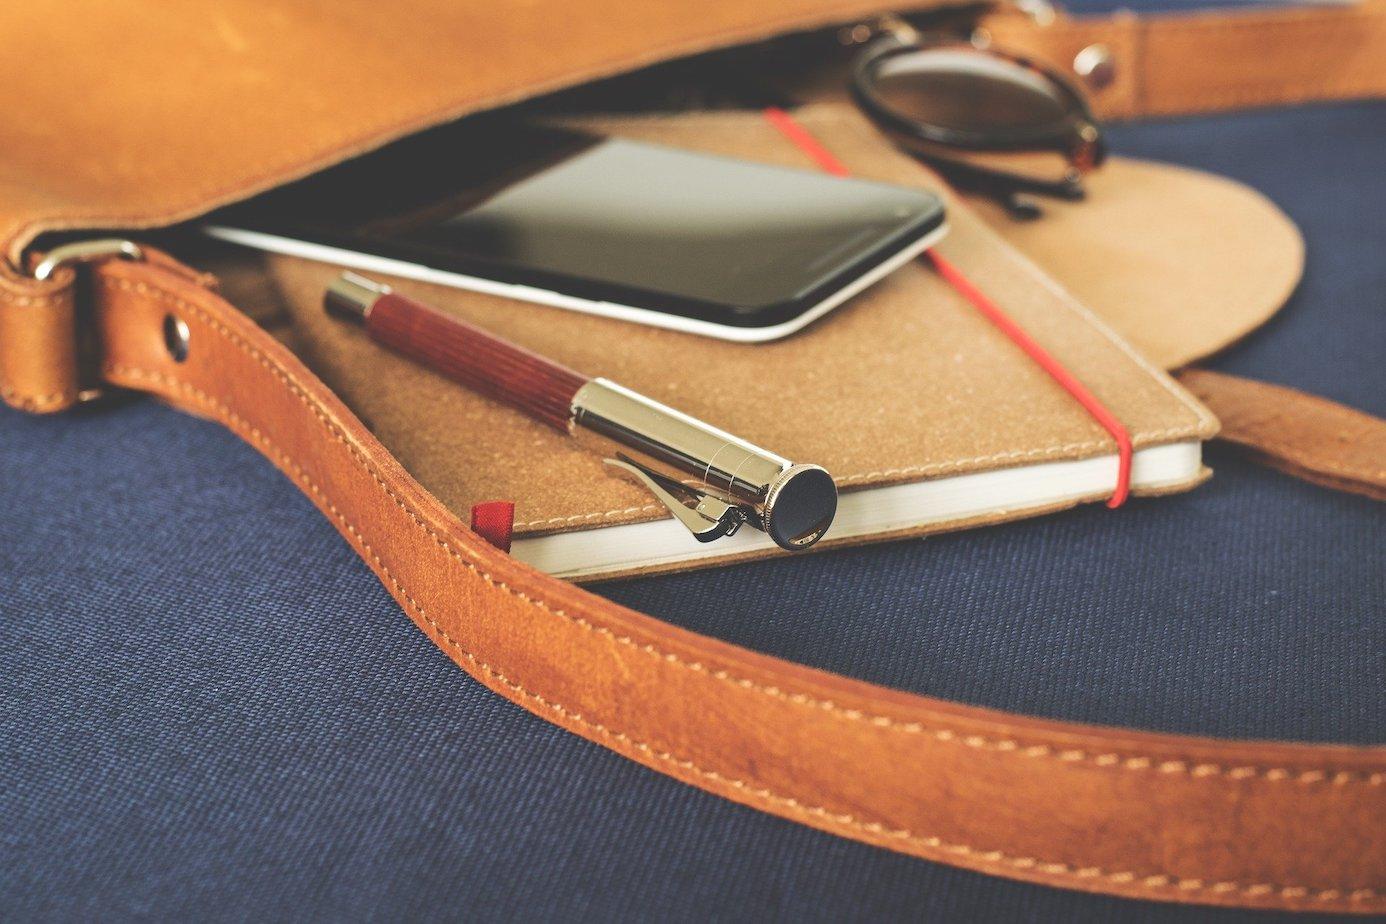 Taschenkontrollen- und abgaben sind grundsätzlich rechtlich gere-gelt. Foto: LUM3N/ pixabay.com